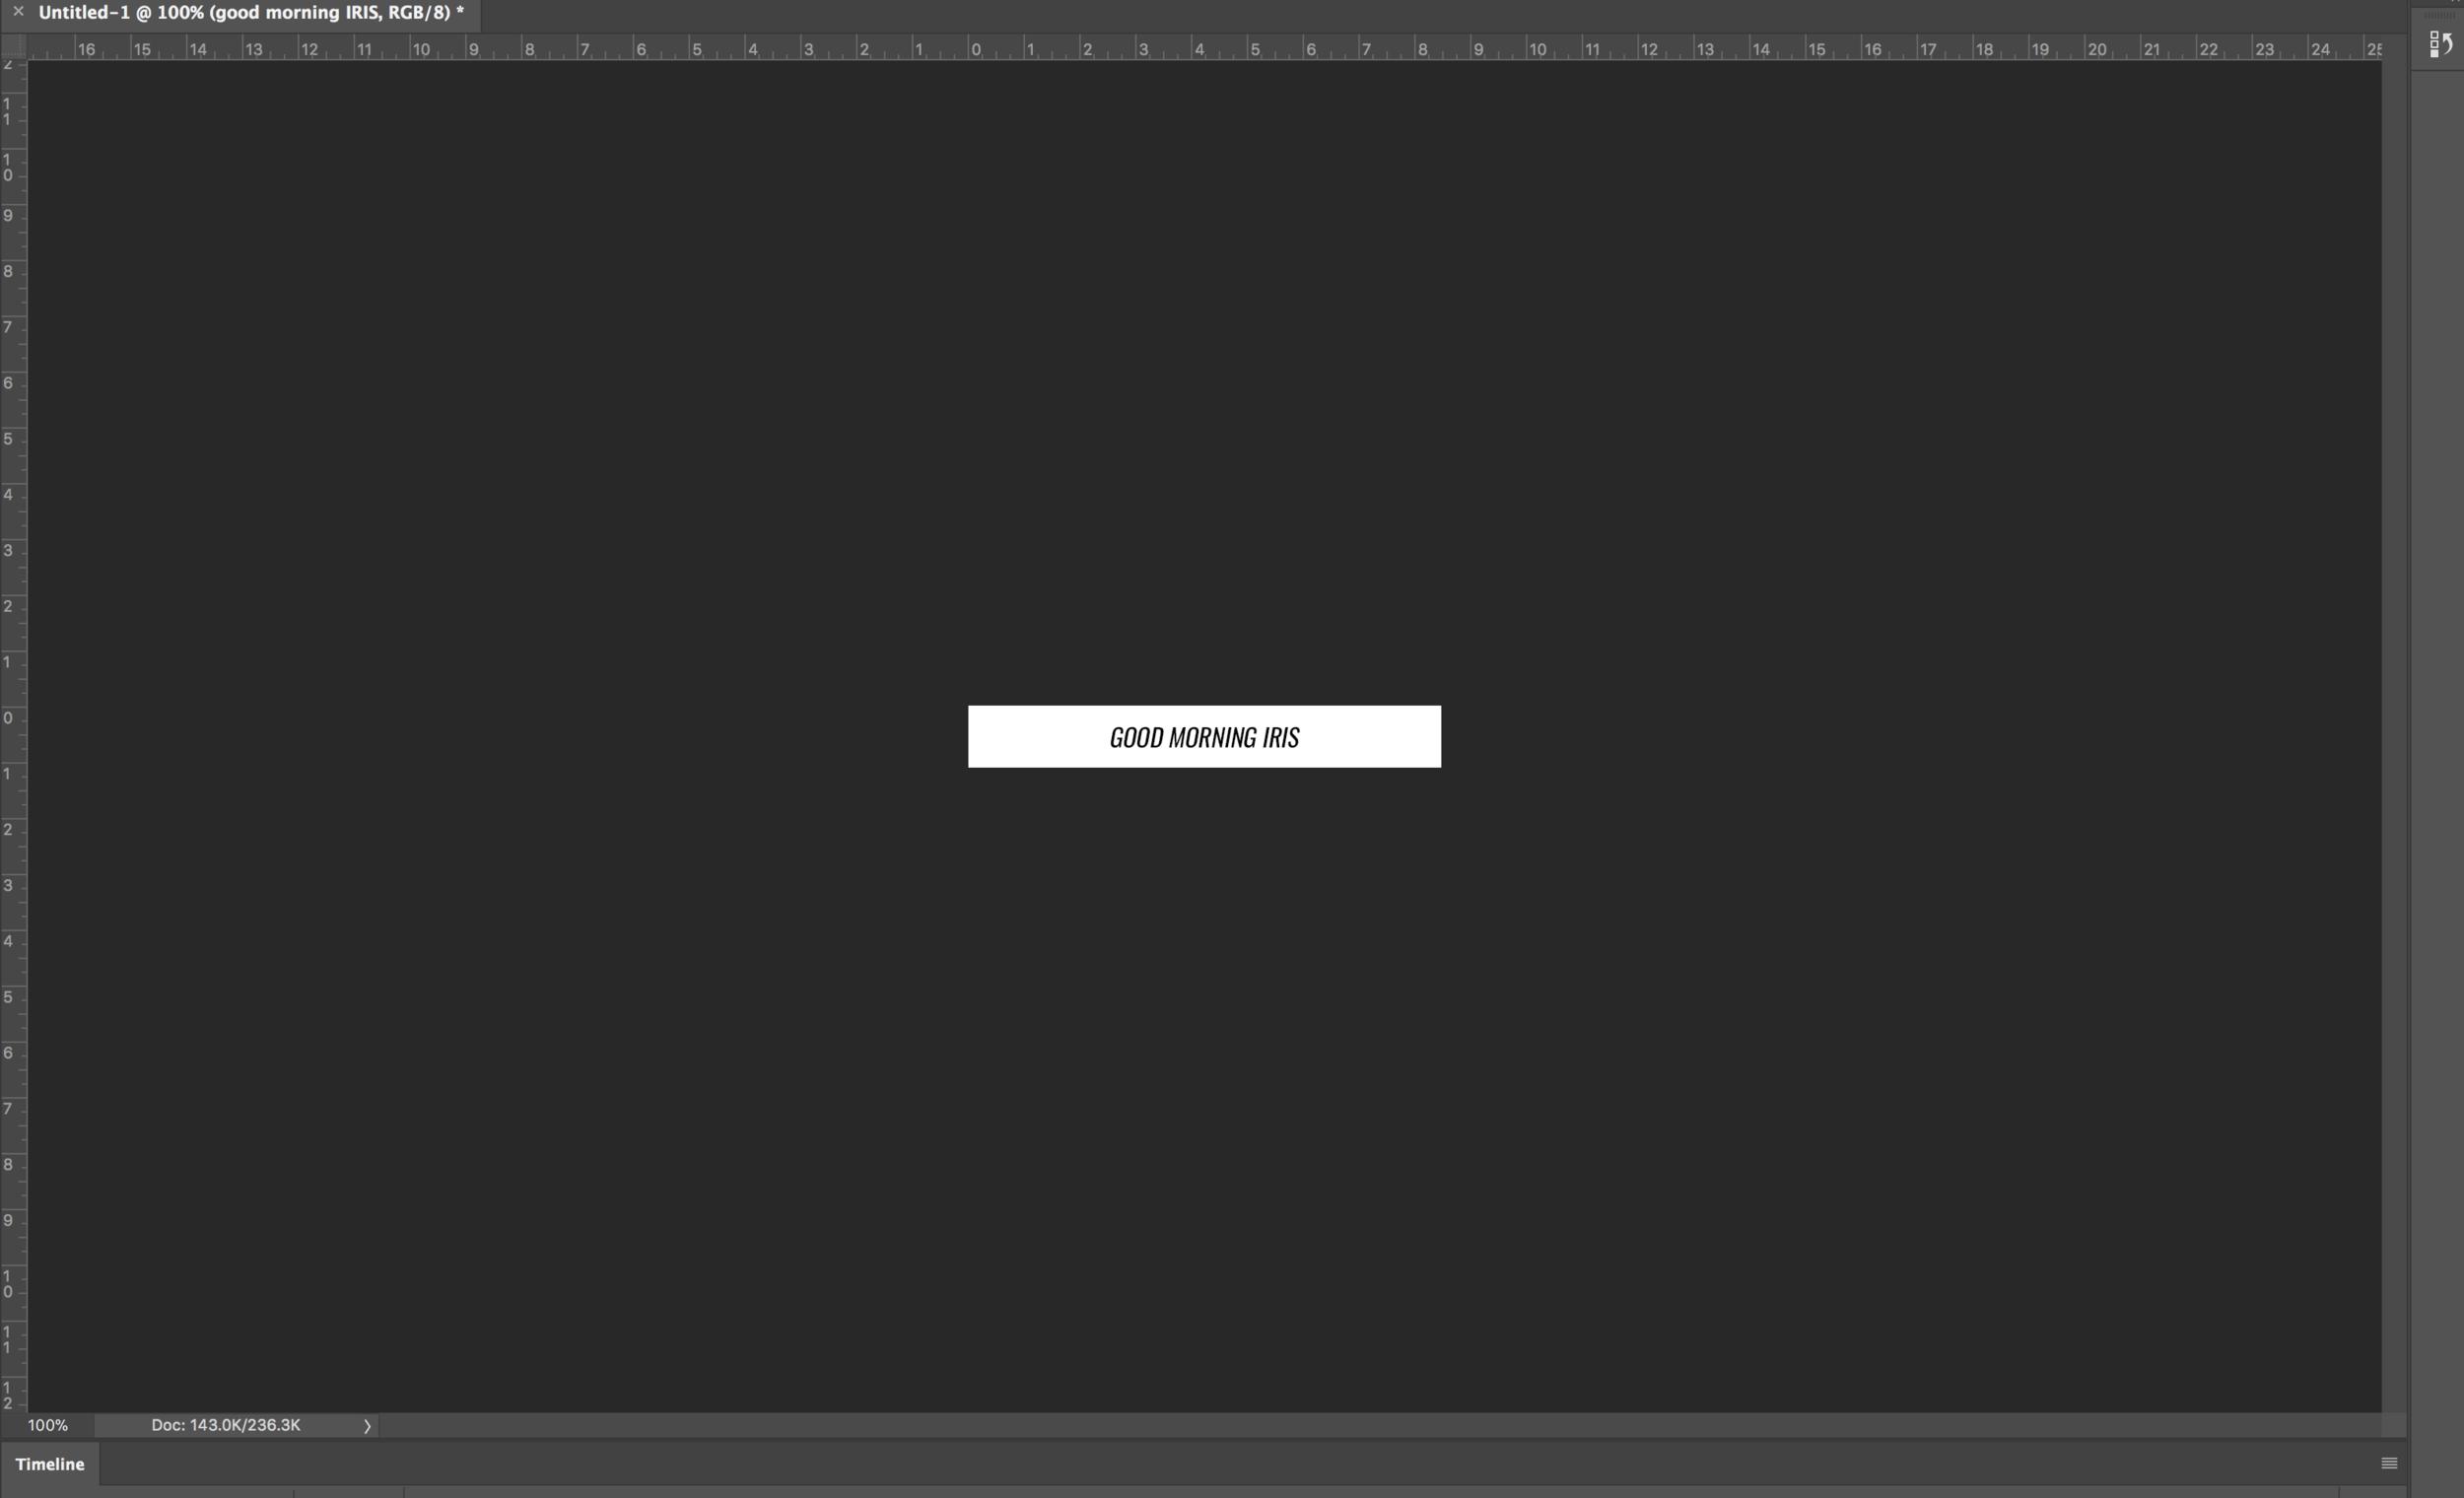 Screen Shot 2018-02-08 at 4.12.38 PM.png